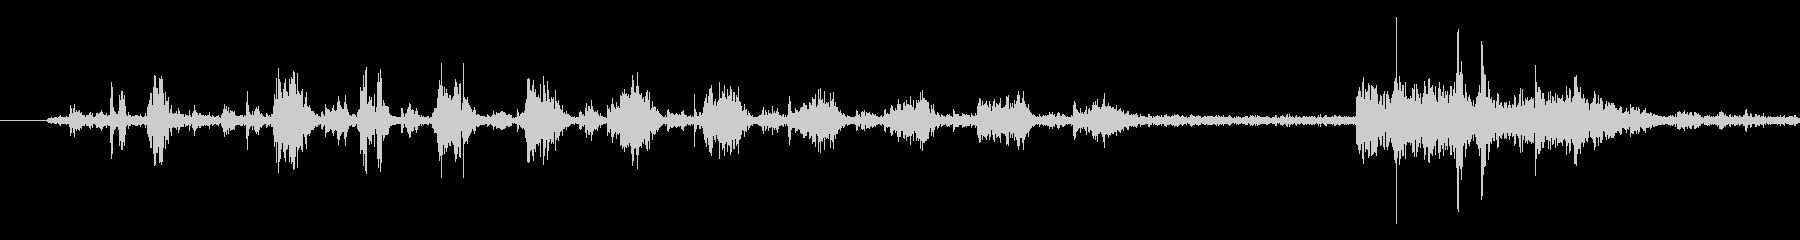 うがいする音の未再生の波形